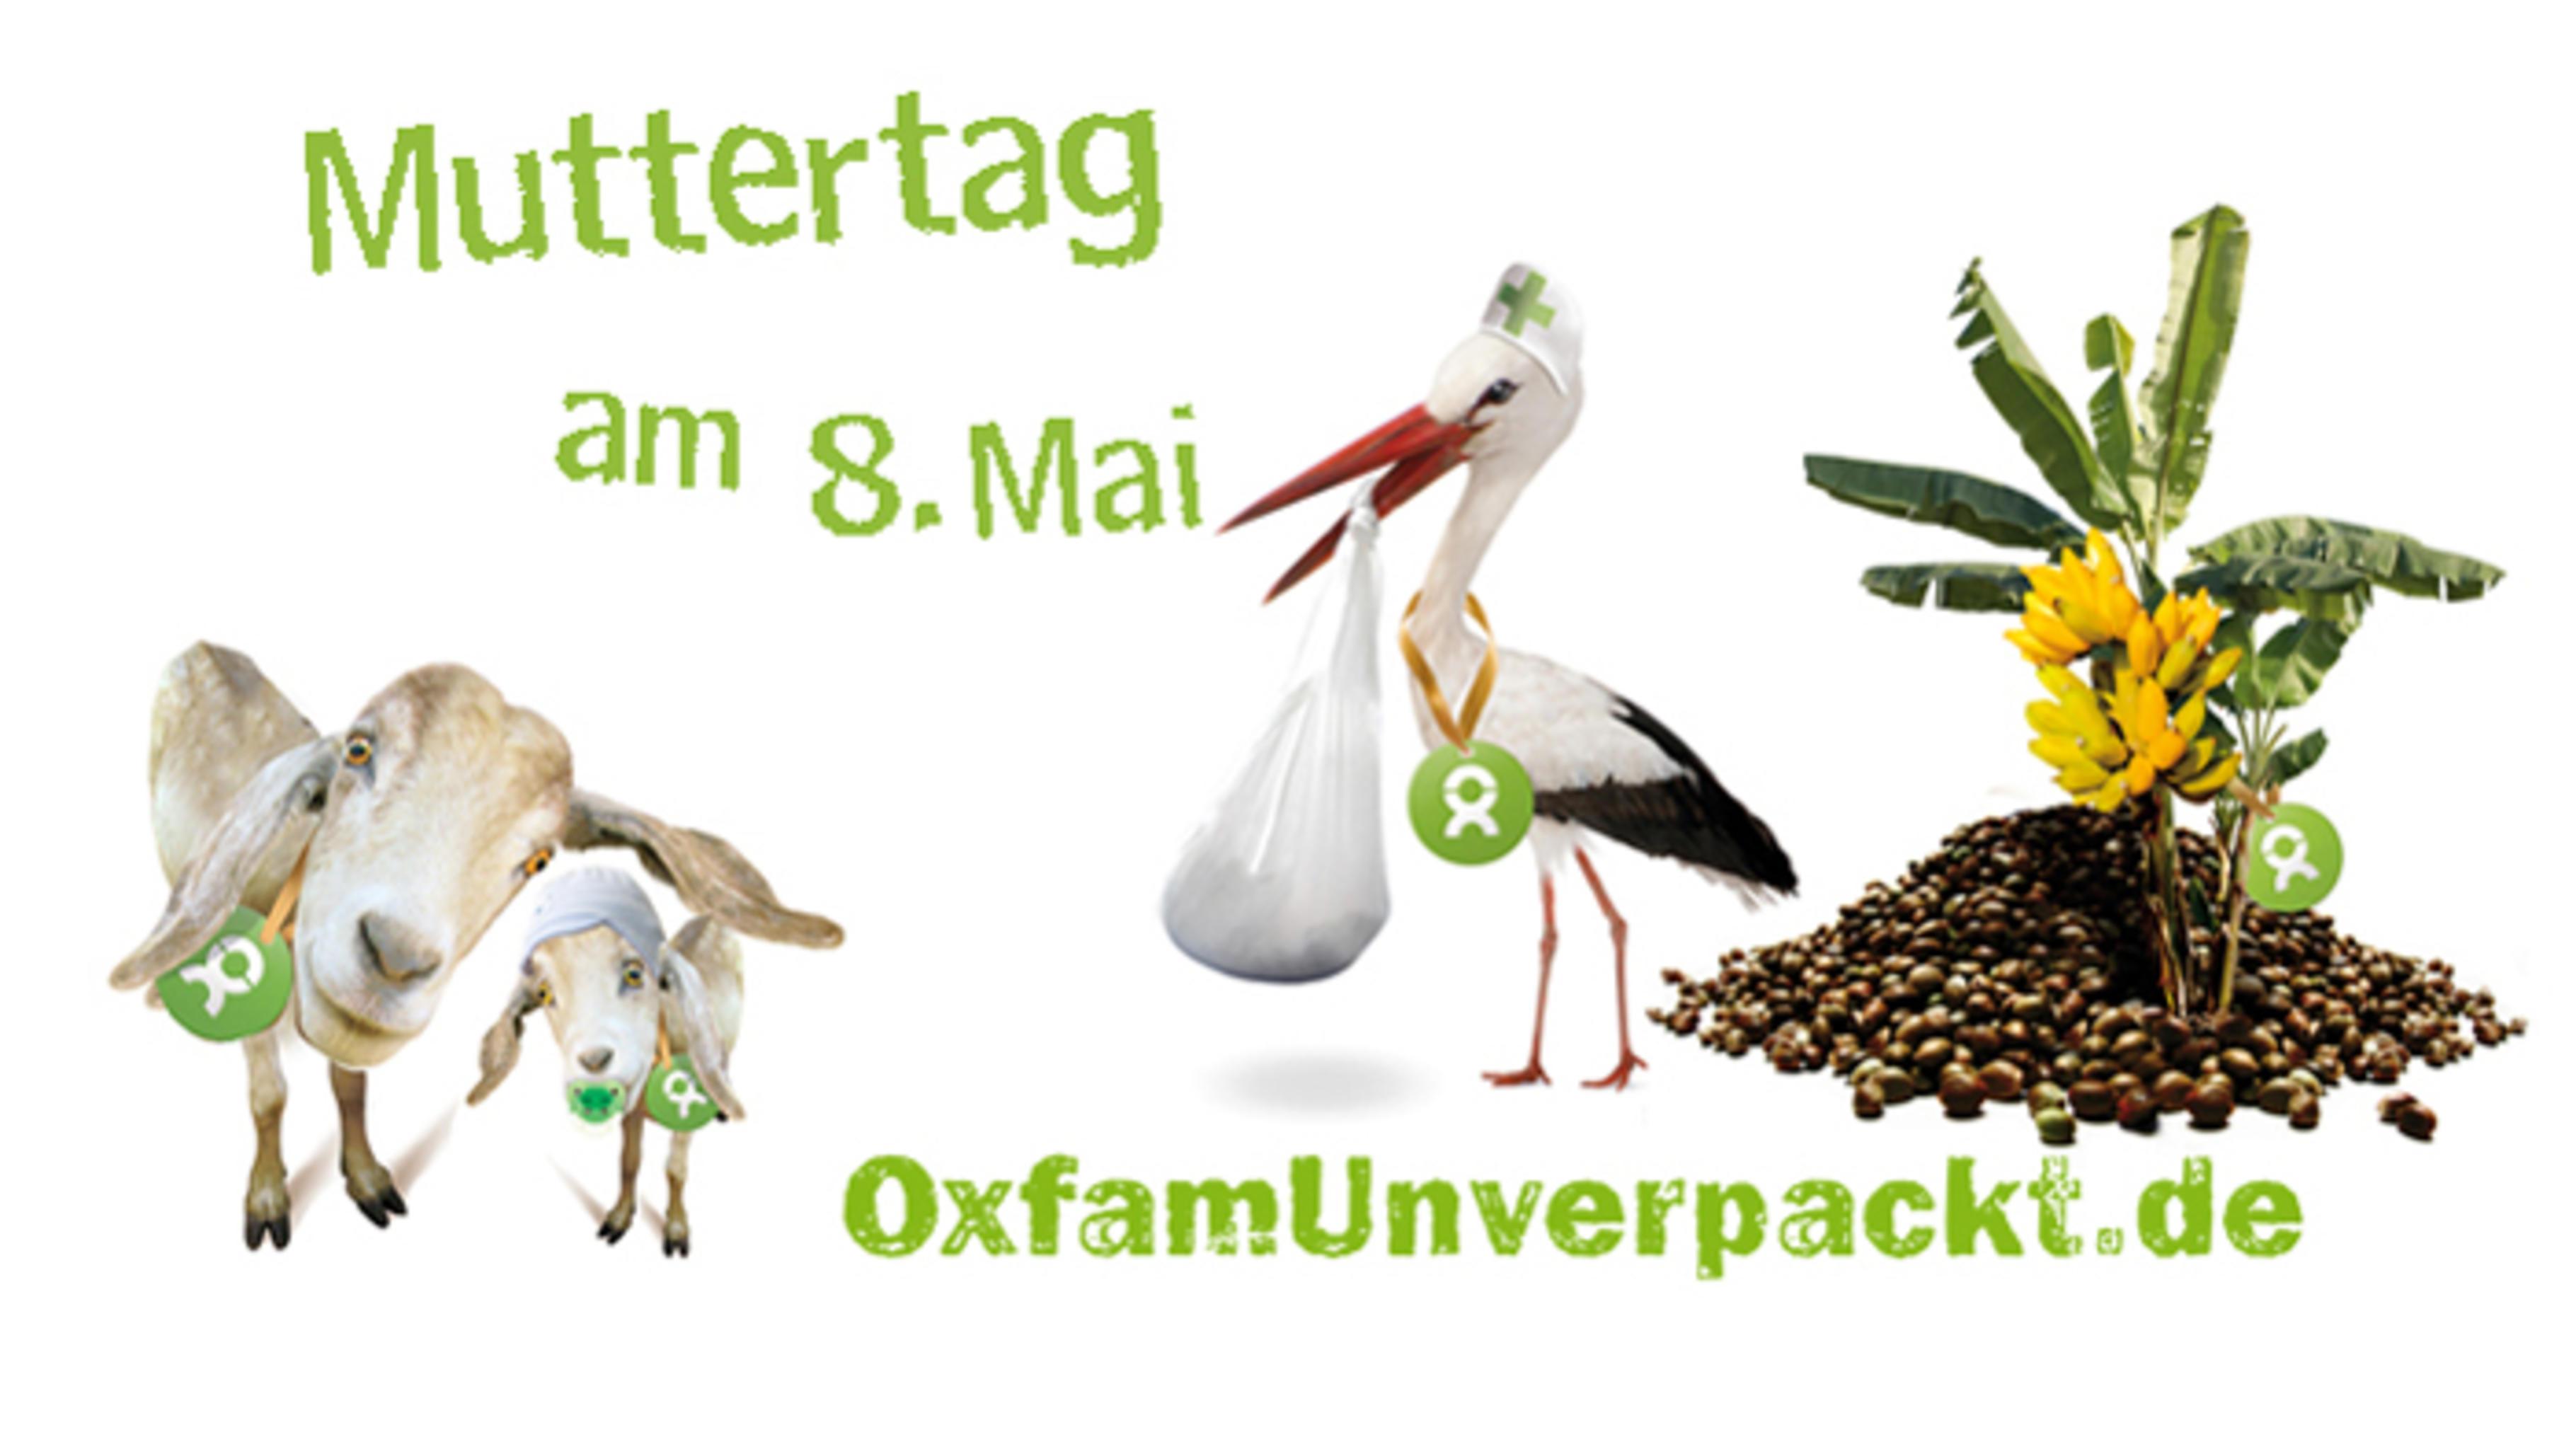 Foto: Muttertags-Geschenke bei OxfamUnverpackt